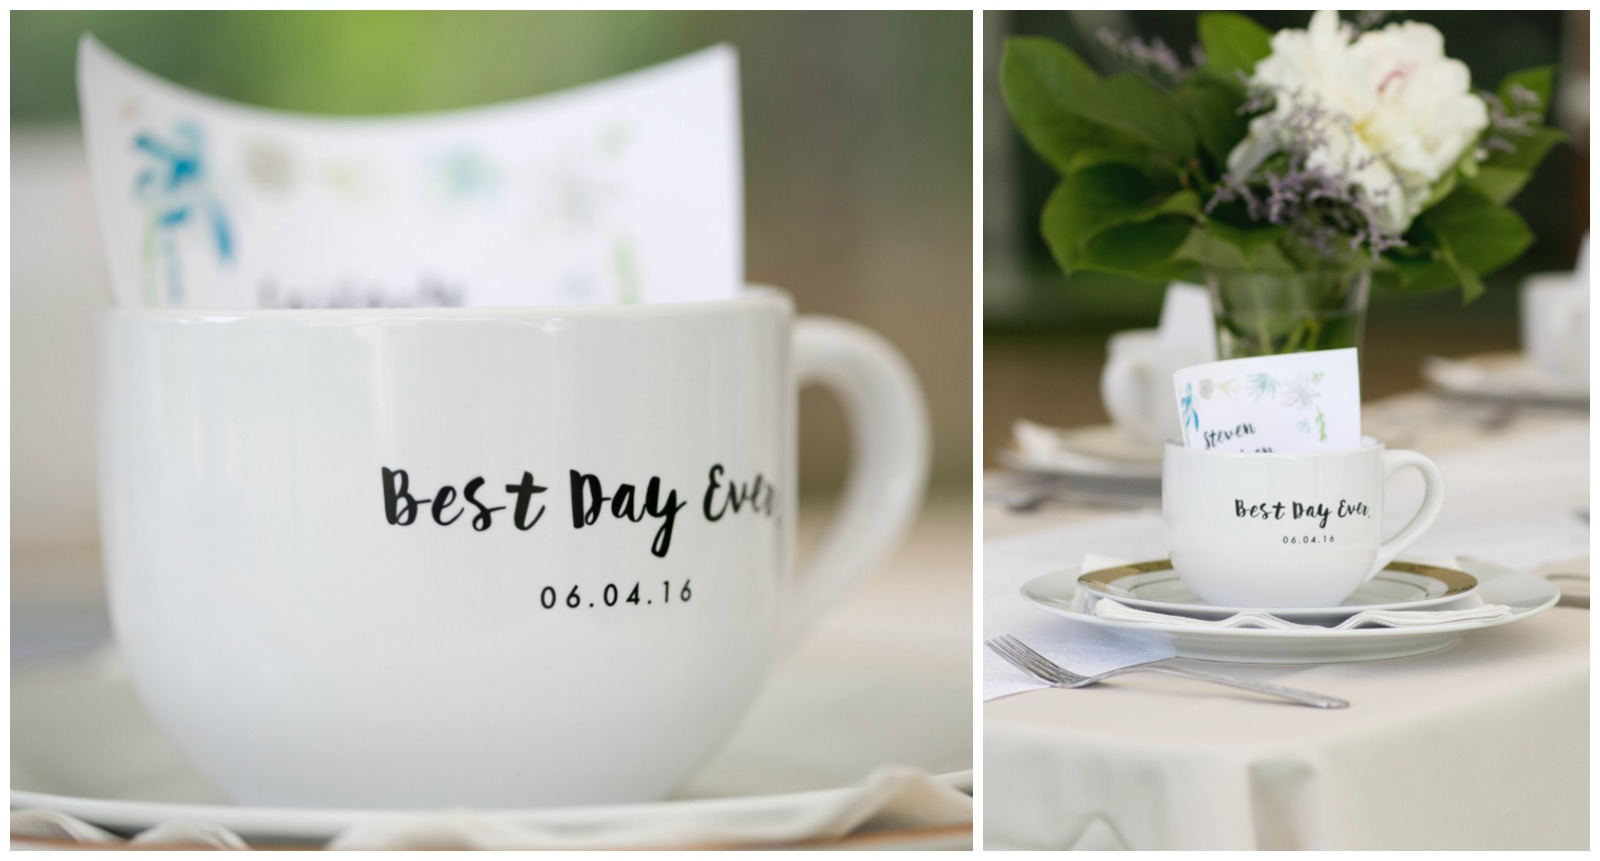 4a-reception-details-mugs-upclose